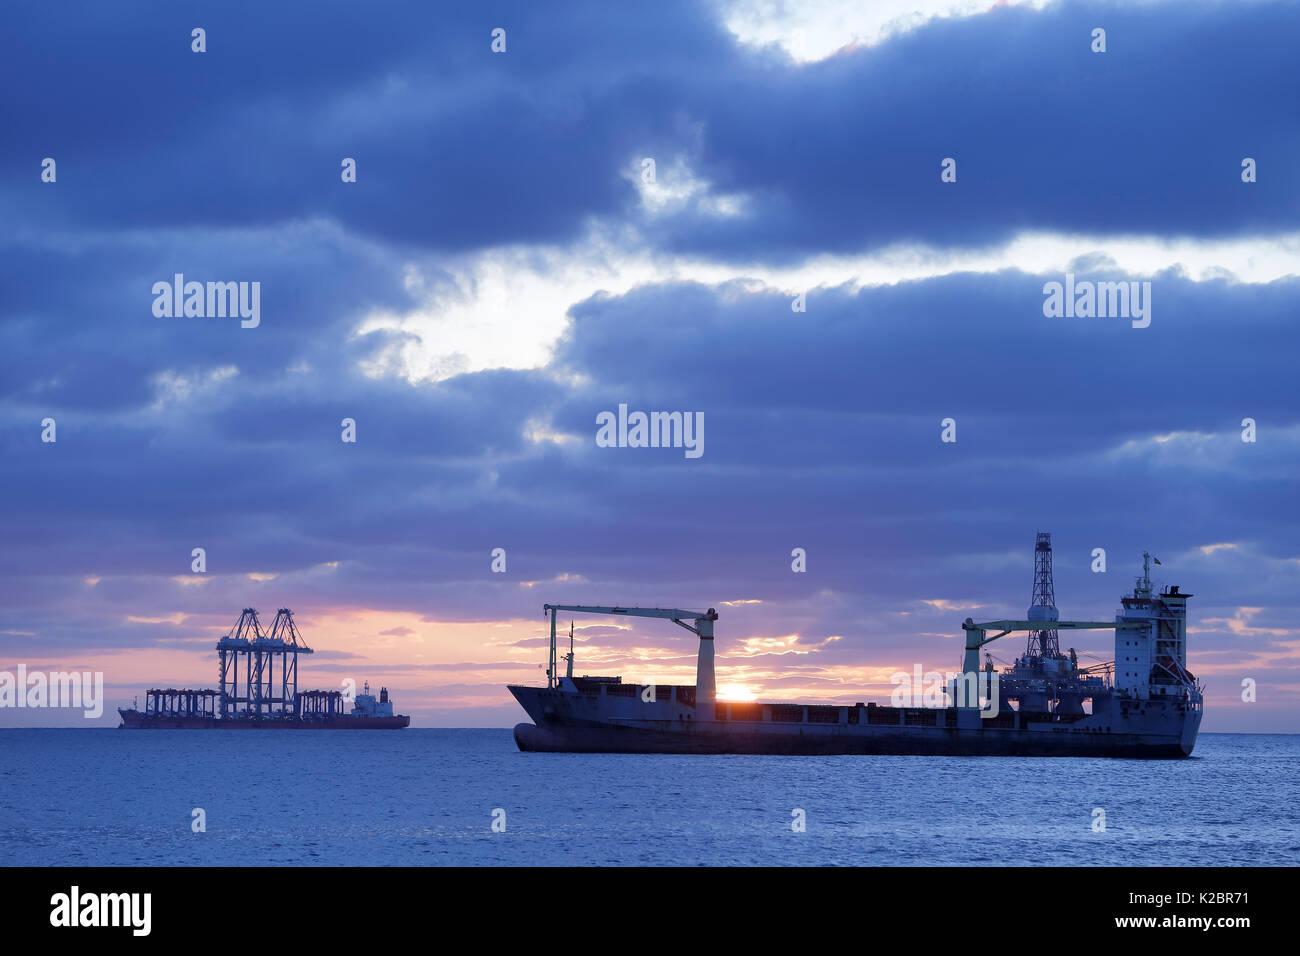 Tanker auf See aus Gran Canaria, Atlantik. Alle nicht-redaktionelle Verwendungen muß einzeln beendet werden. Stockbild